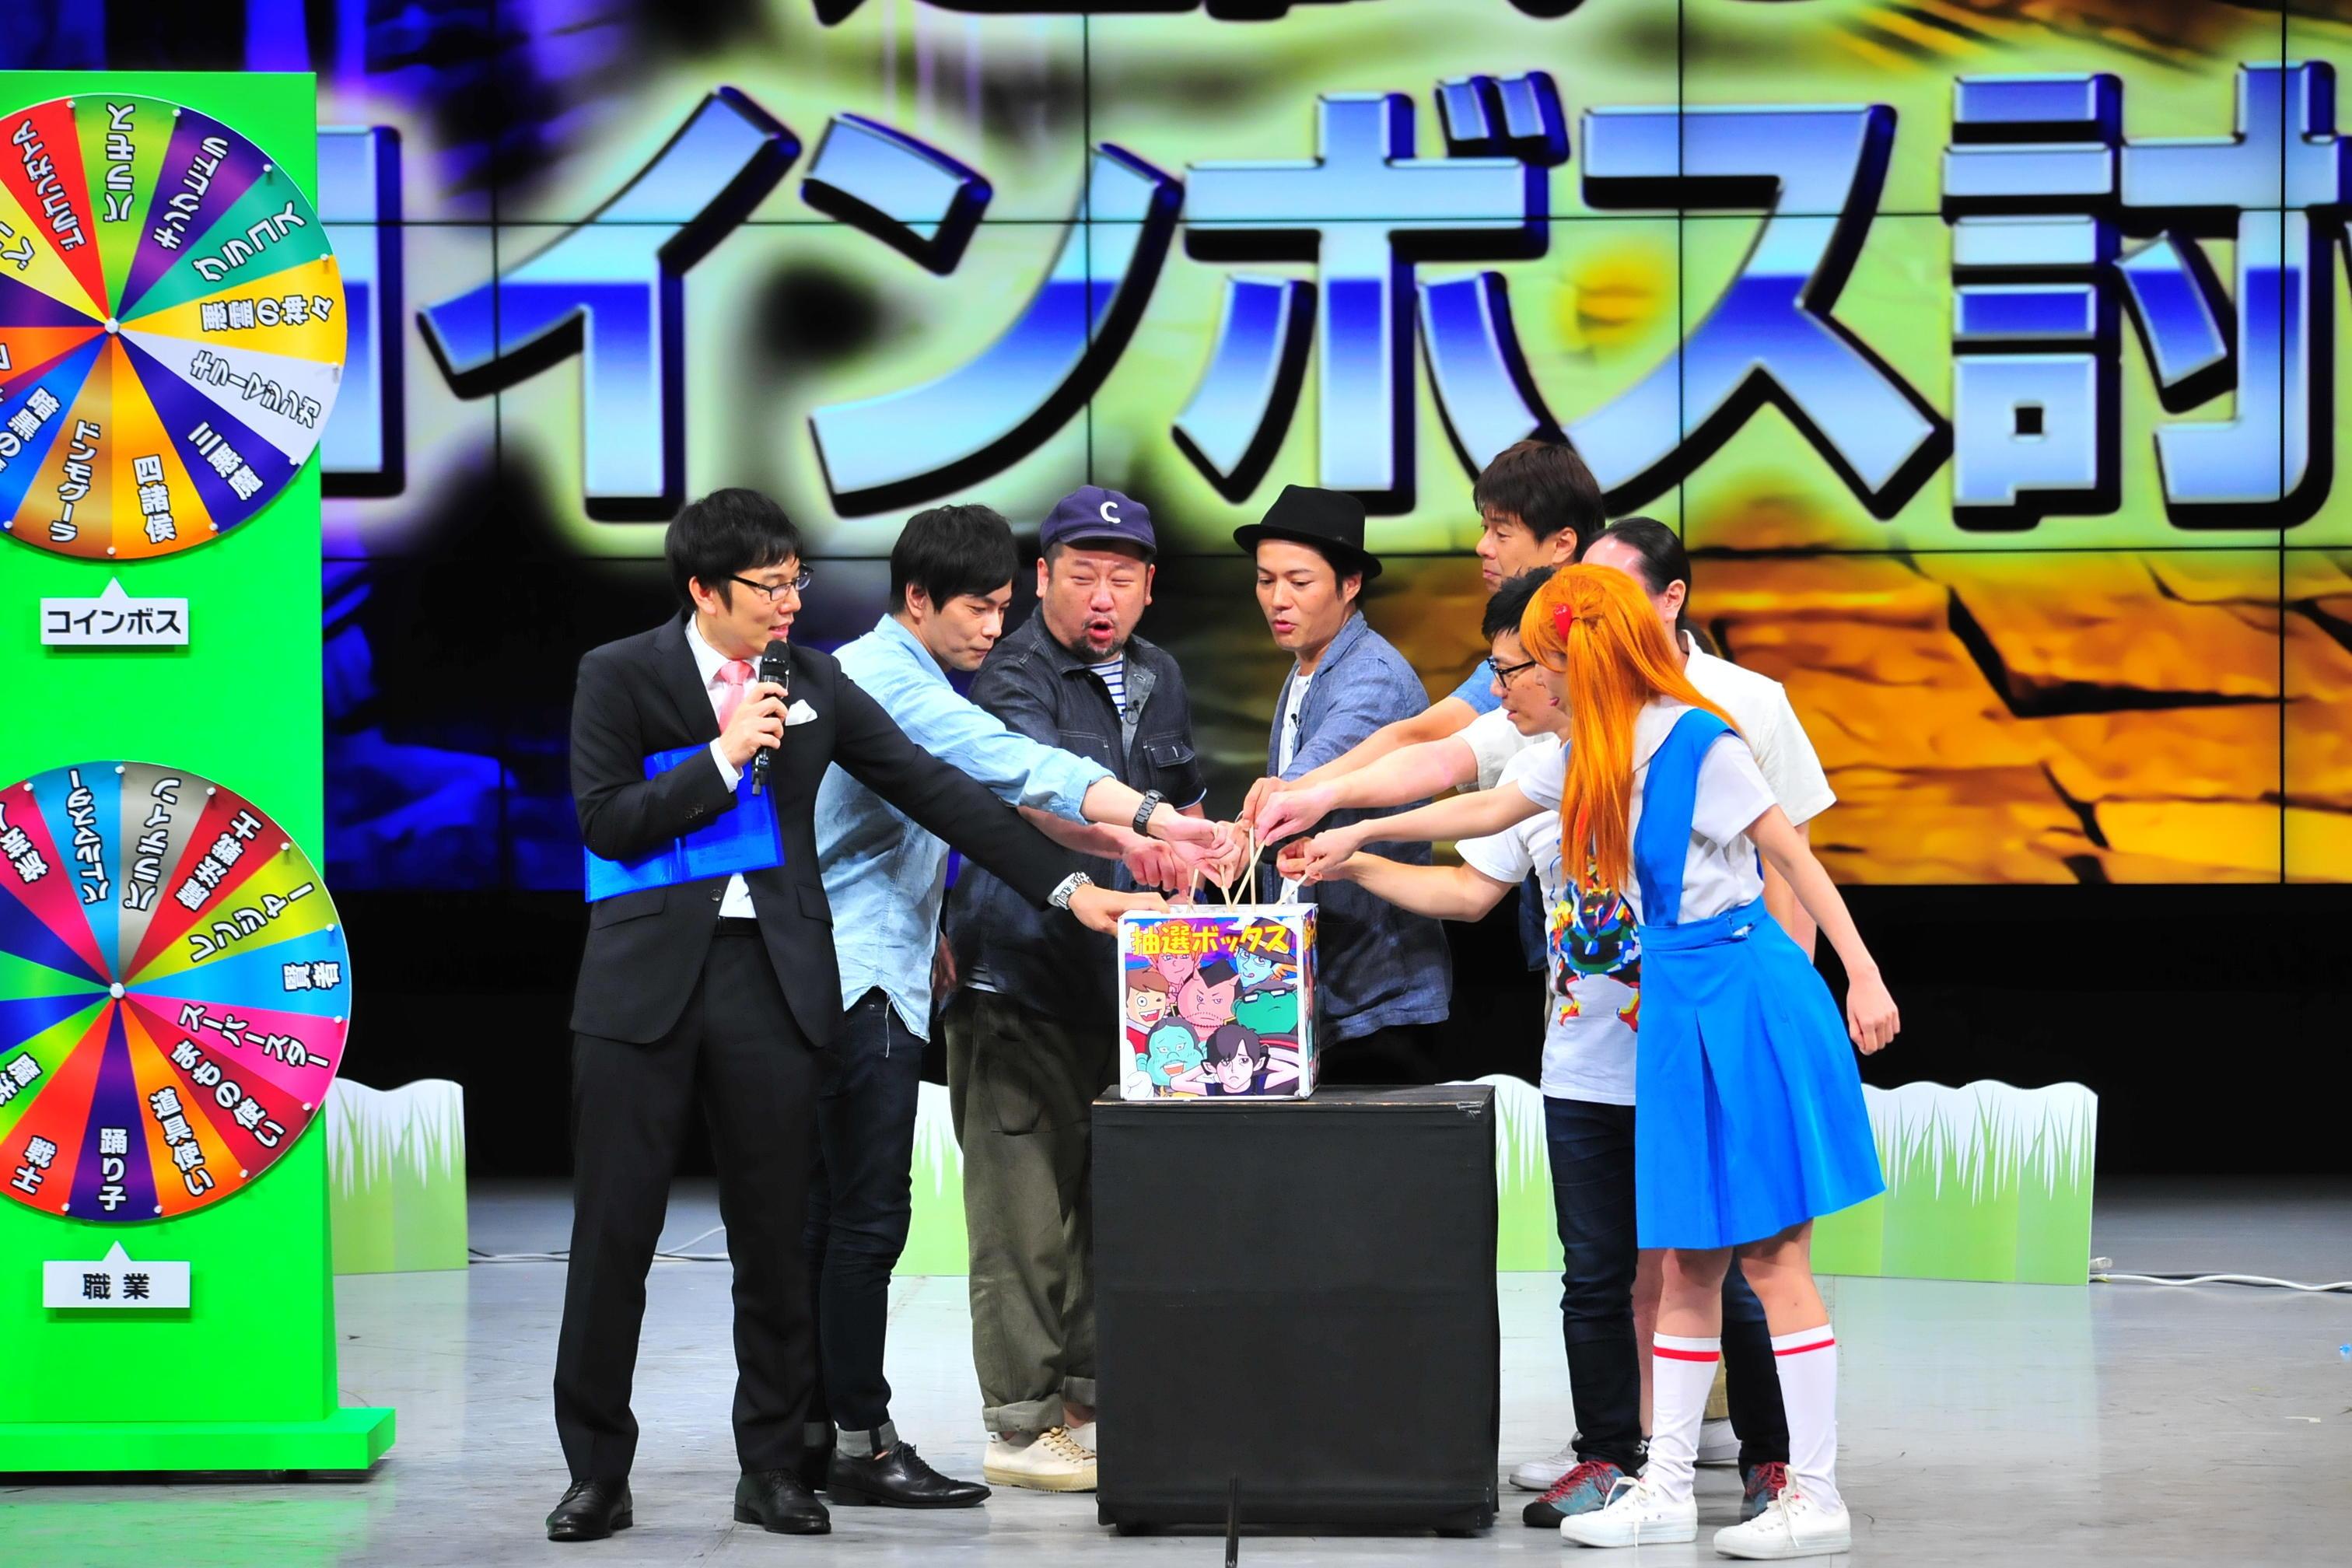 http://news.yoshimoto.co.jp/20160613094215-b2656e8deab02b3a81931c3c51e60185e4cc24ee.jpg